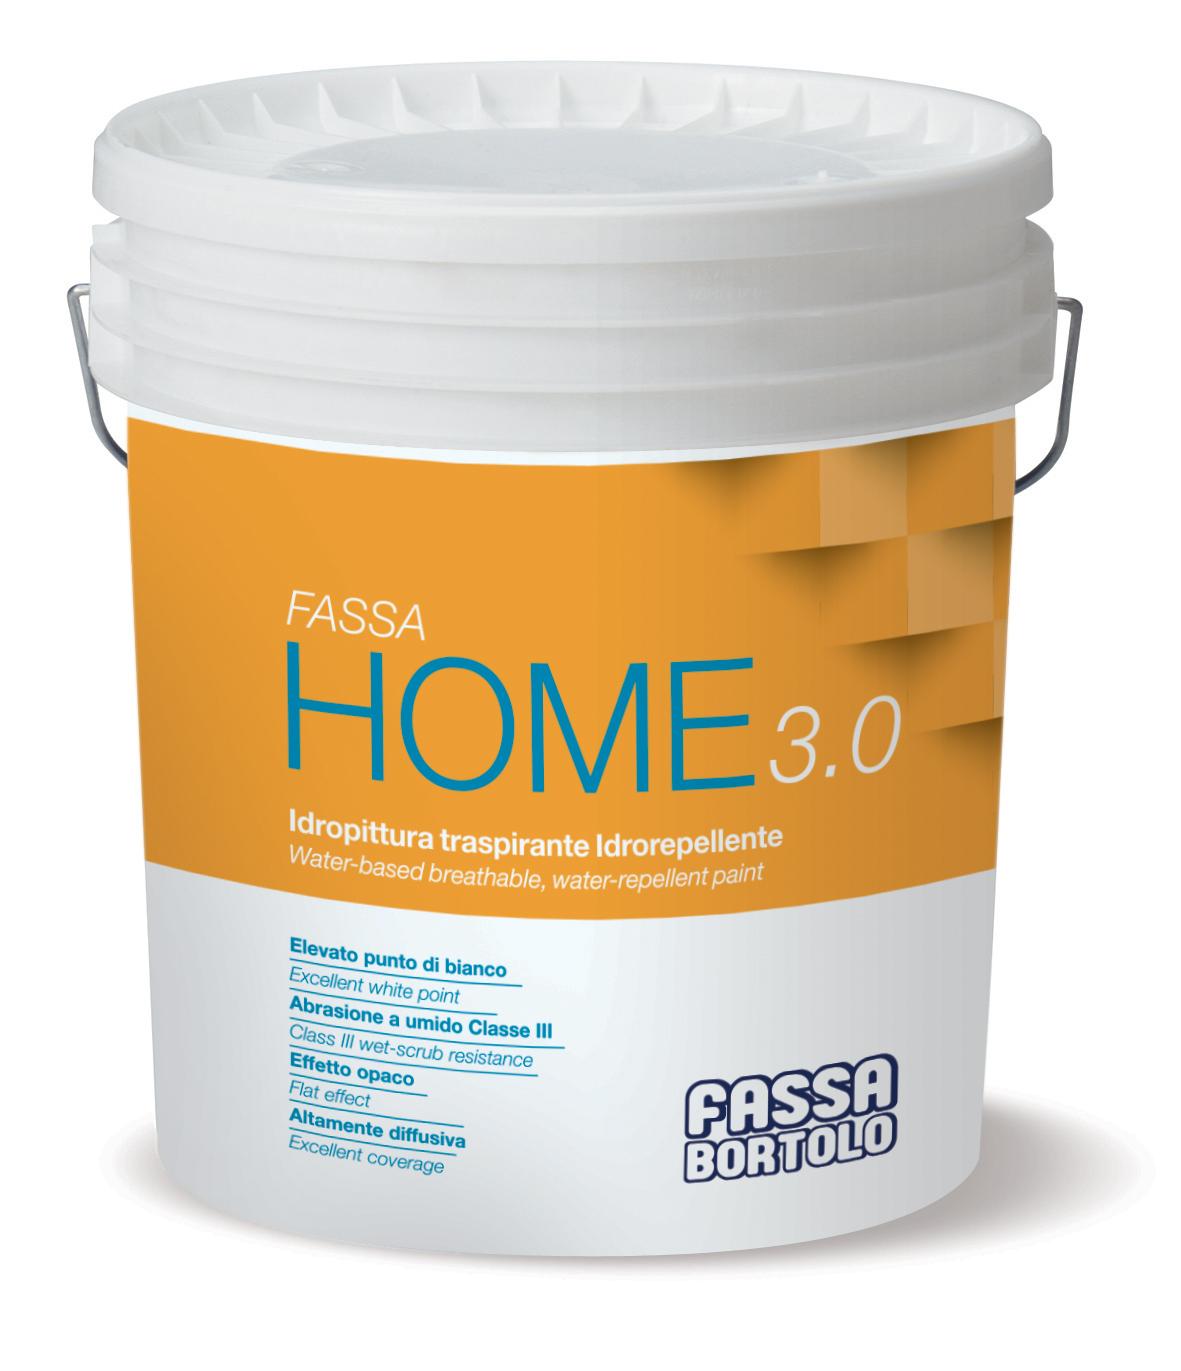 FASSA HOME 3.0: Pintura aquosa transpirável e hidrorrepelente